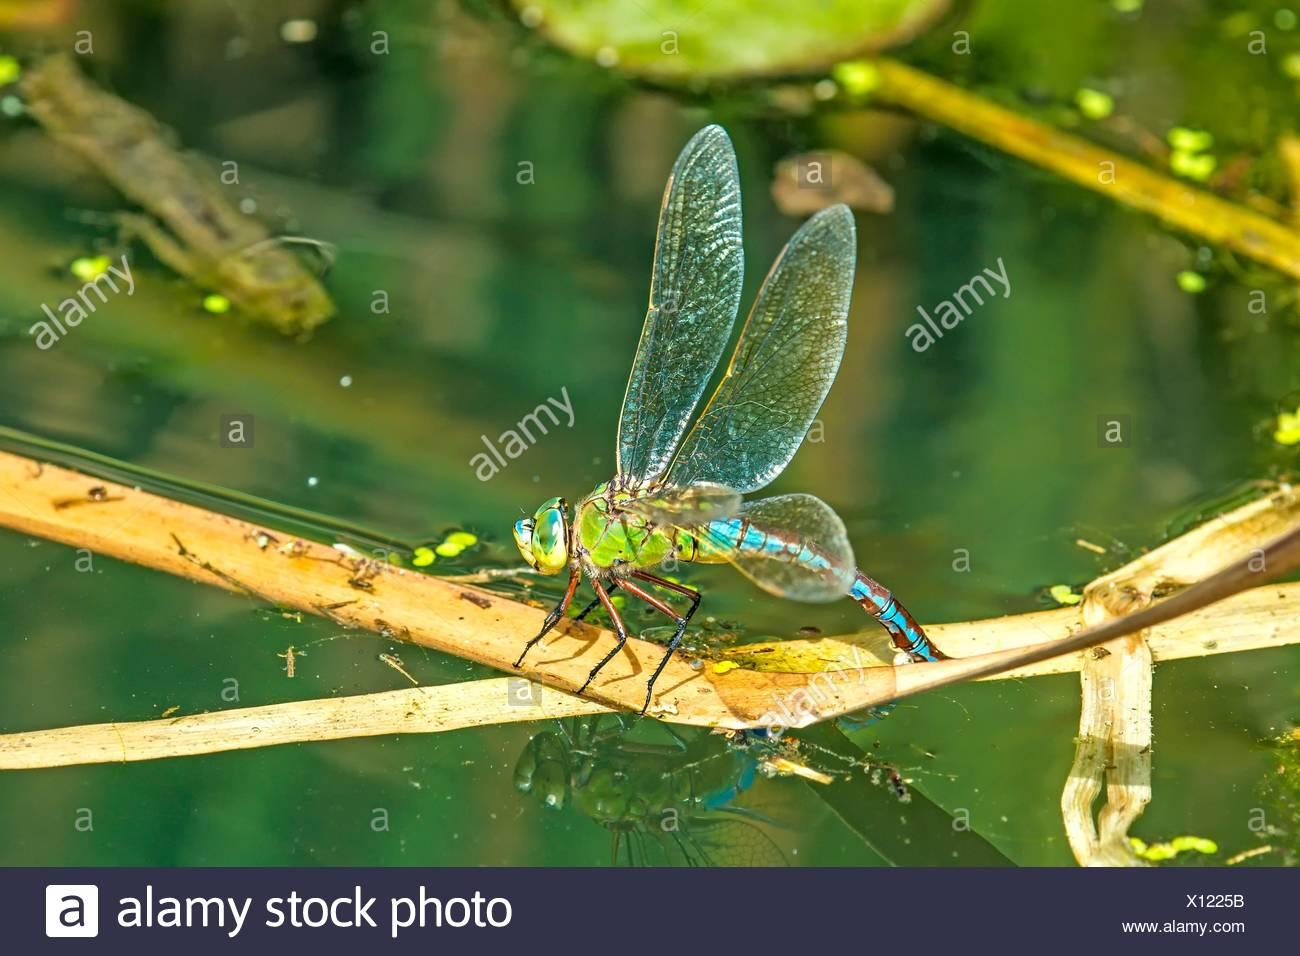 Der Kaiser, Dragonfly, Weibchen Eier in einem Teich in Deutschland Stockbild